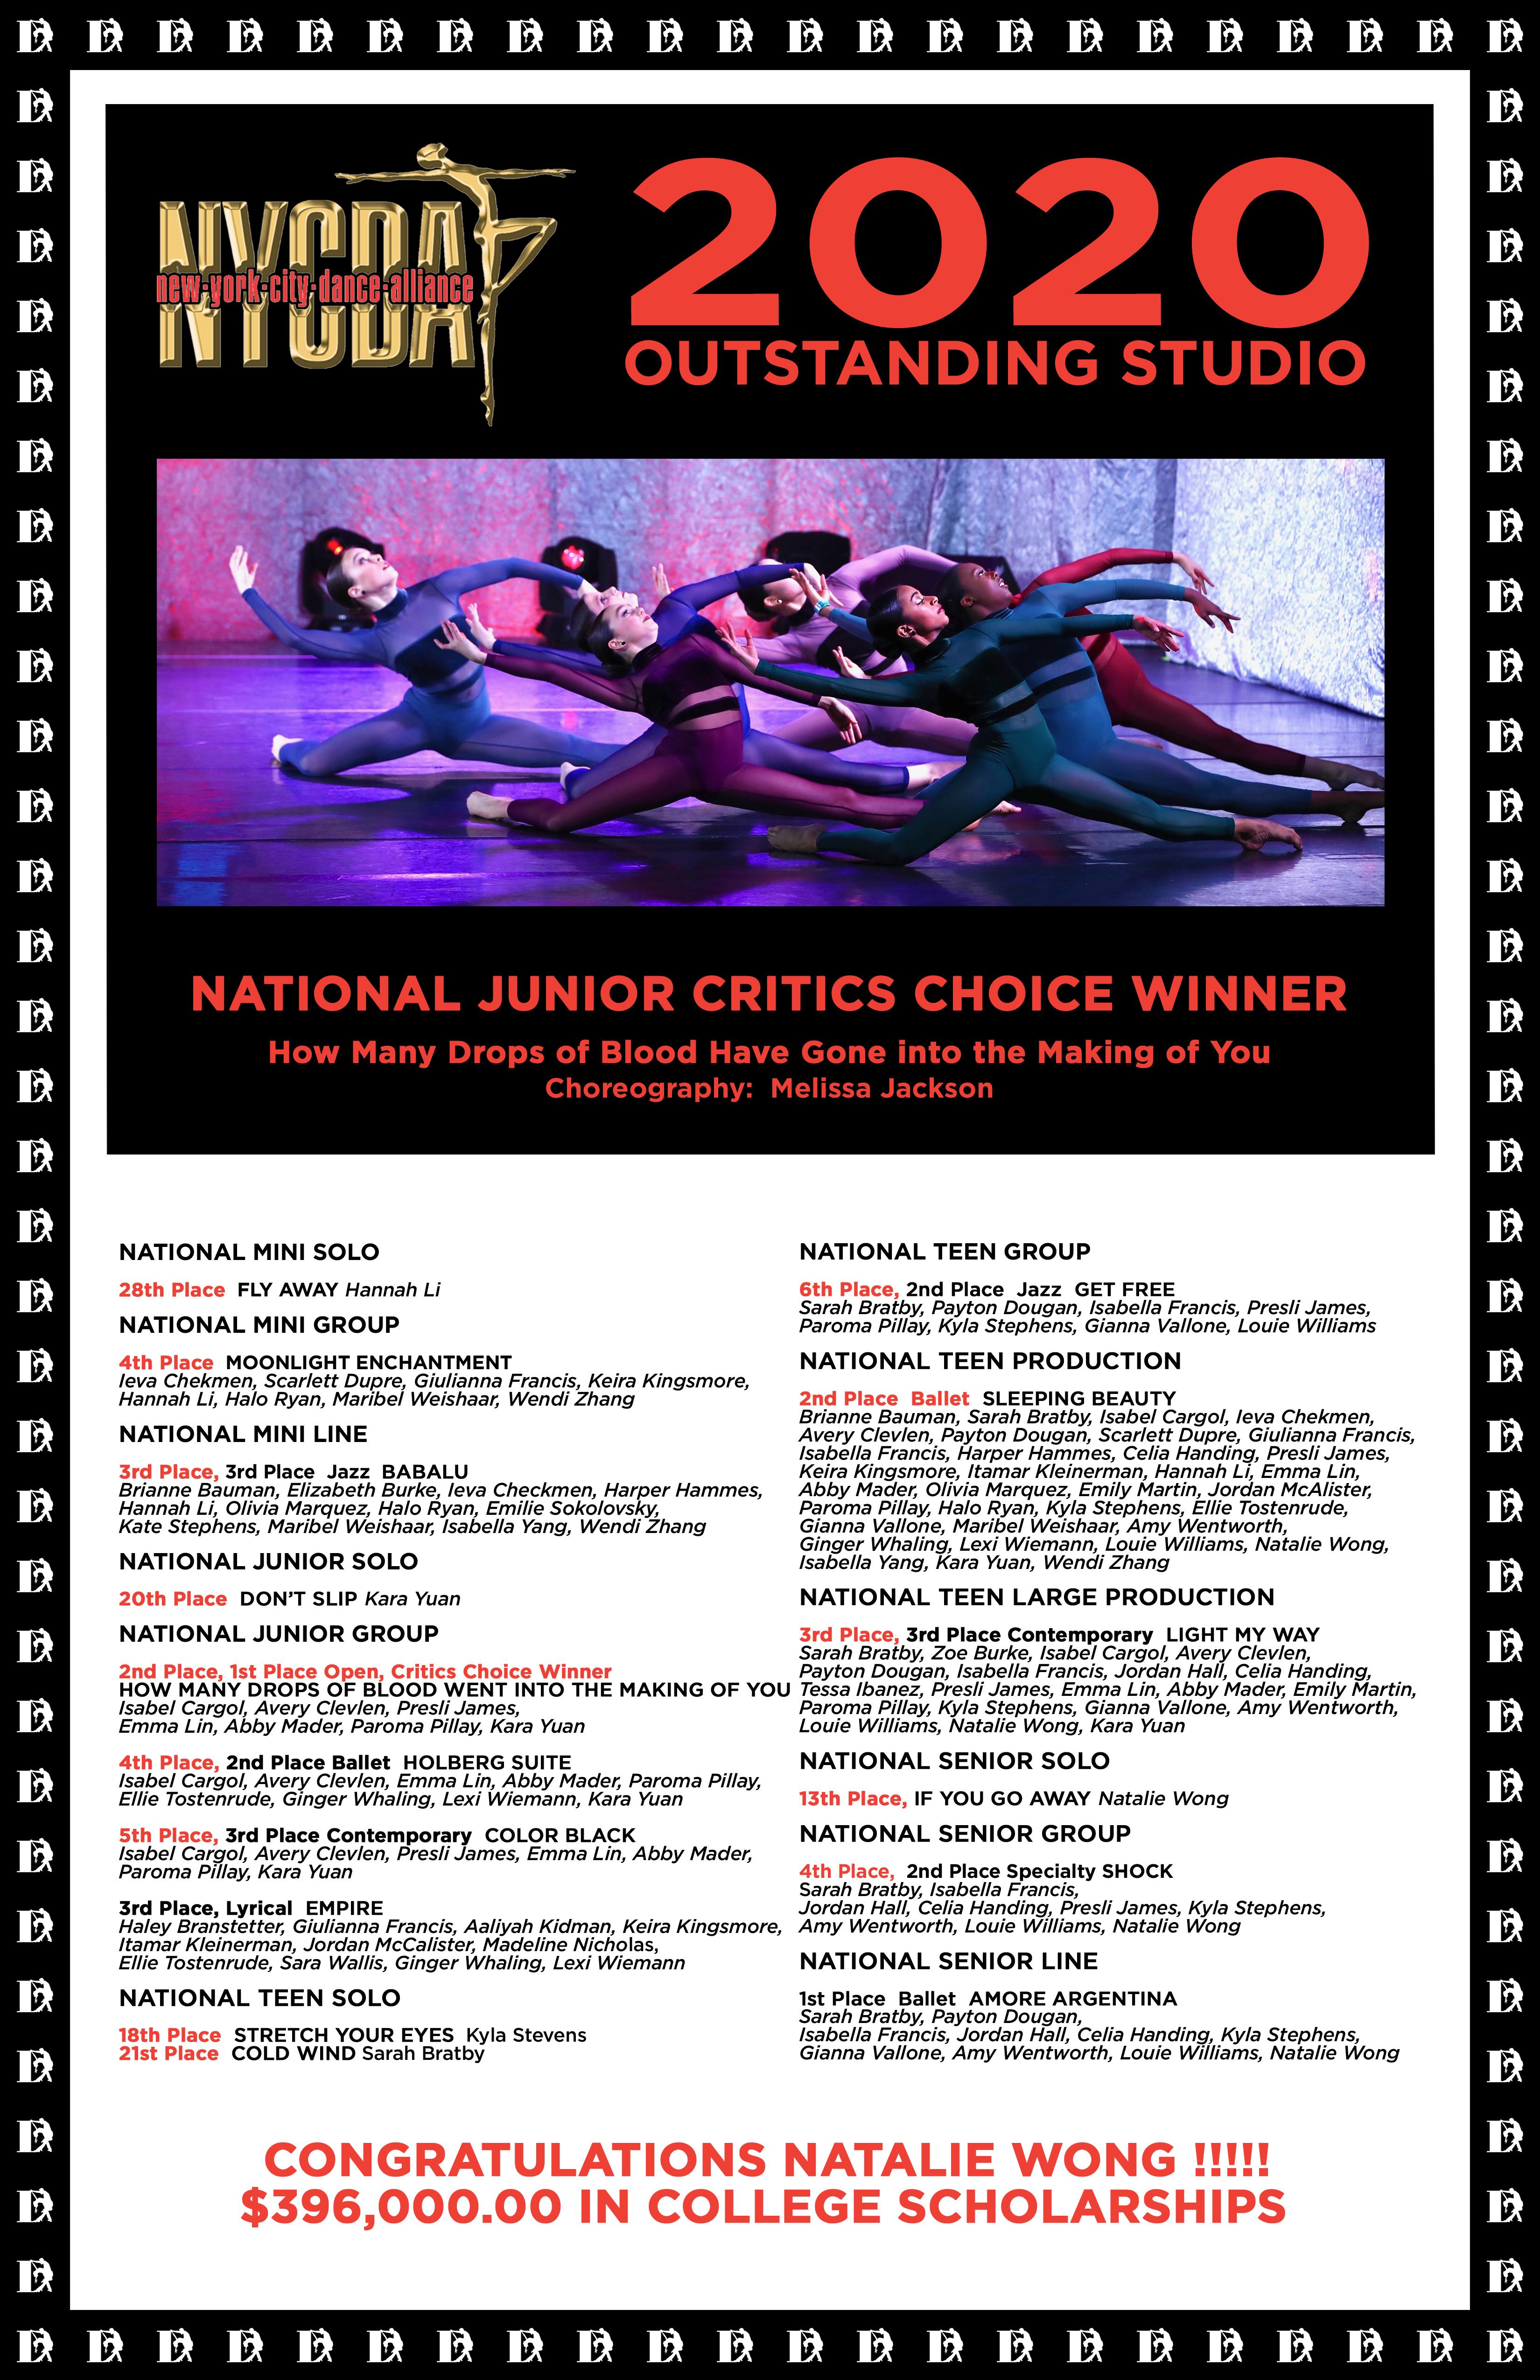 NYCDA National Outstanding Studio 2020 C